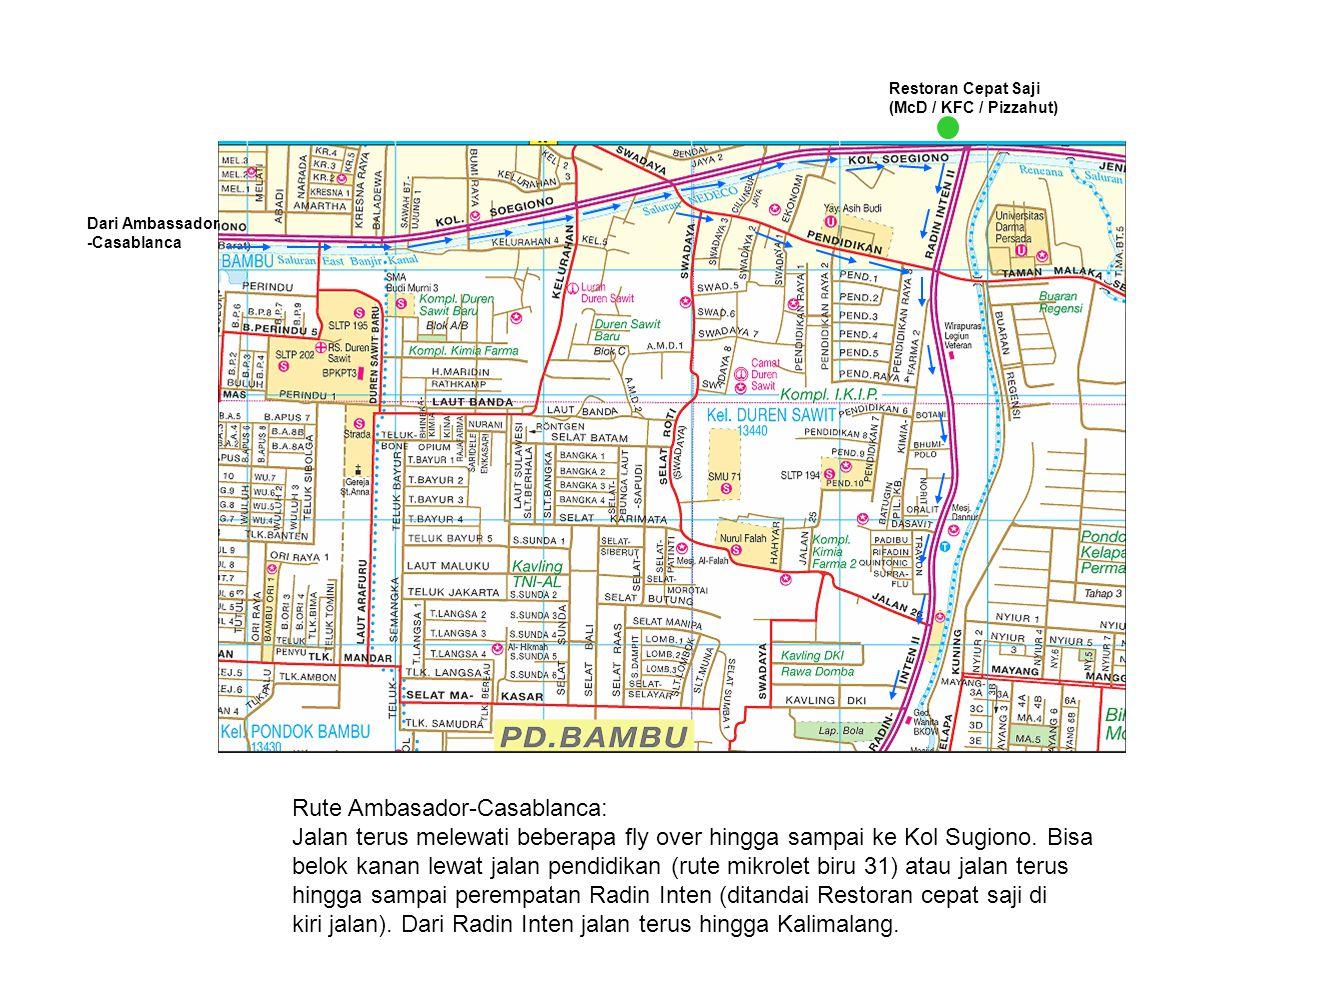 Dari Cawang / DI Panjaitan Dari Kol Sugiono Rute Jalan Tol : Mungkin bisa keluar di pintu Pd Gede Barat.